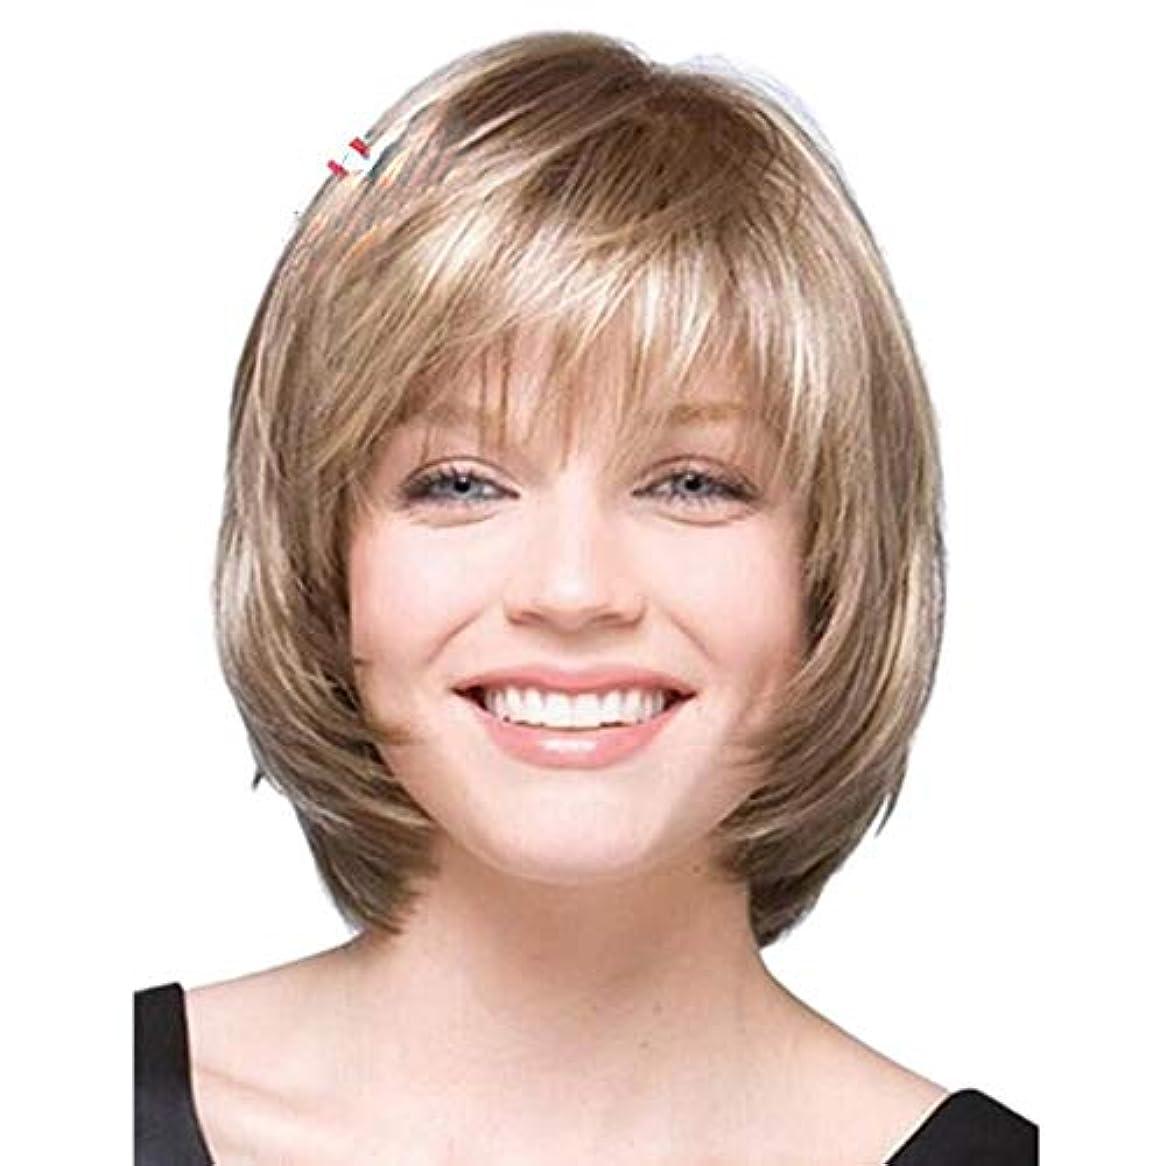 名目上の一見二週間YOUQIU ウィッグキャップのかつらを持つ女性合成かつらのための短い金髪のウィッグカーリーファンシーコスプレウィッグ (色 : Blonde)